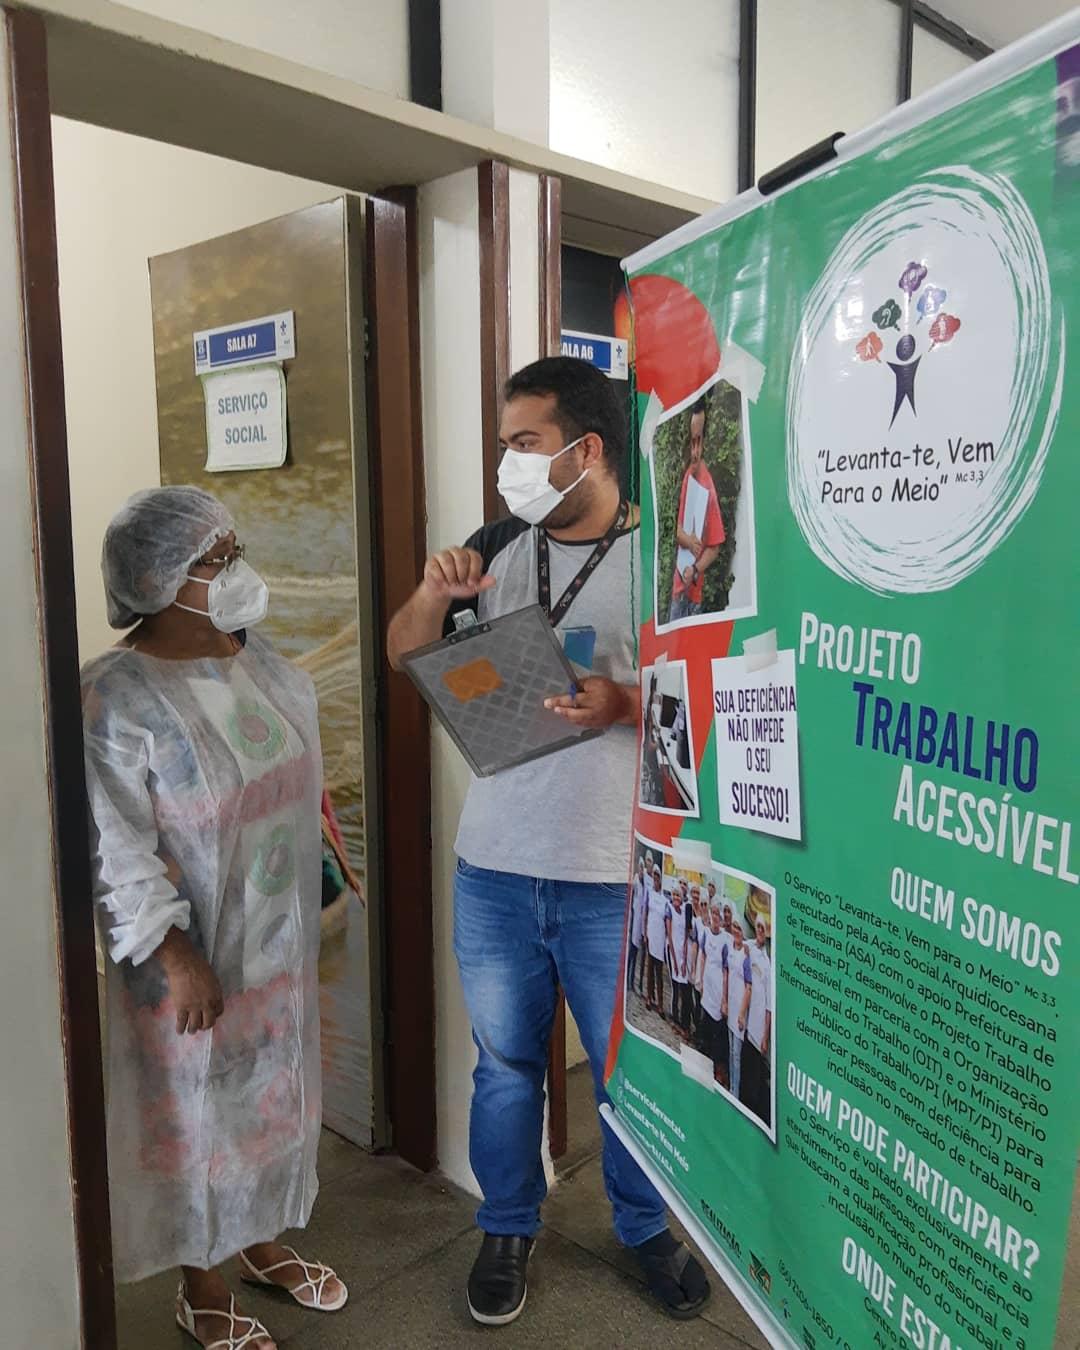 Projeto é realizado por uma equipe deprofissionais que conta com assistente social, comunicóloga, mobilizadores sociais e intérpretes de libras. (Foto: Divulgação)